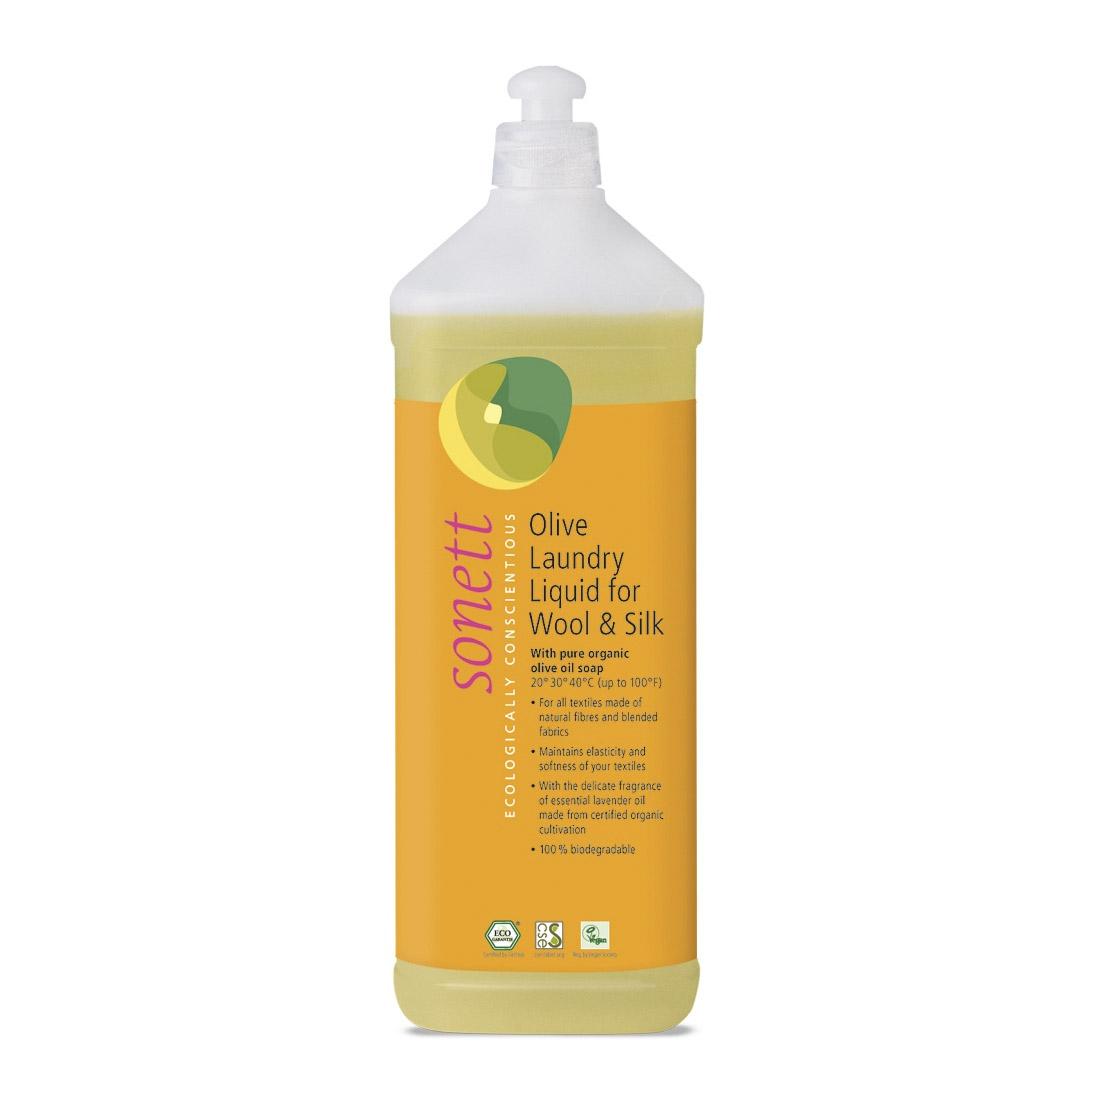 Oрганическое жидкое средство Sonett для стирки изделий из шерсти и шелка на основе оливкового масла 1 л недорого